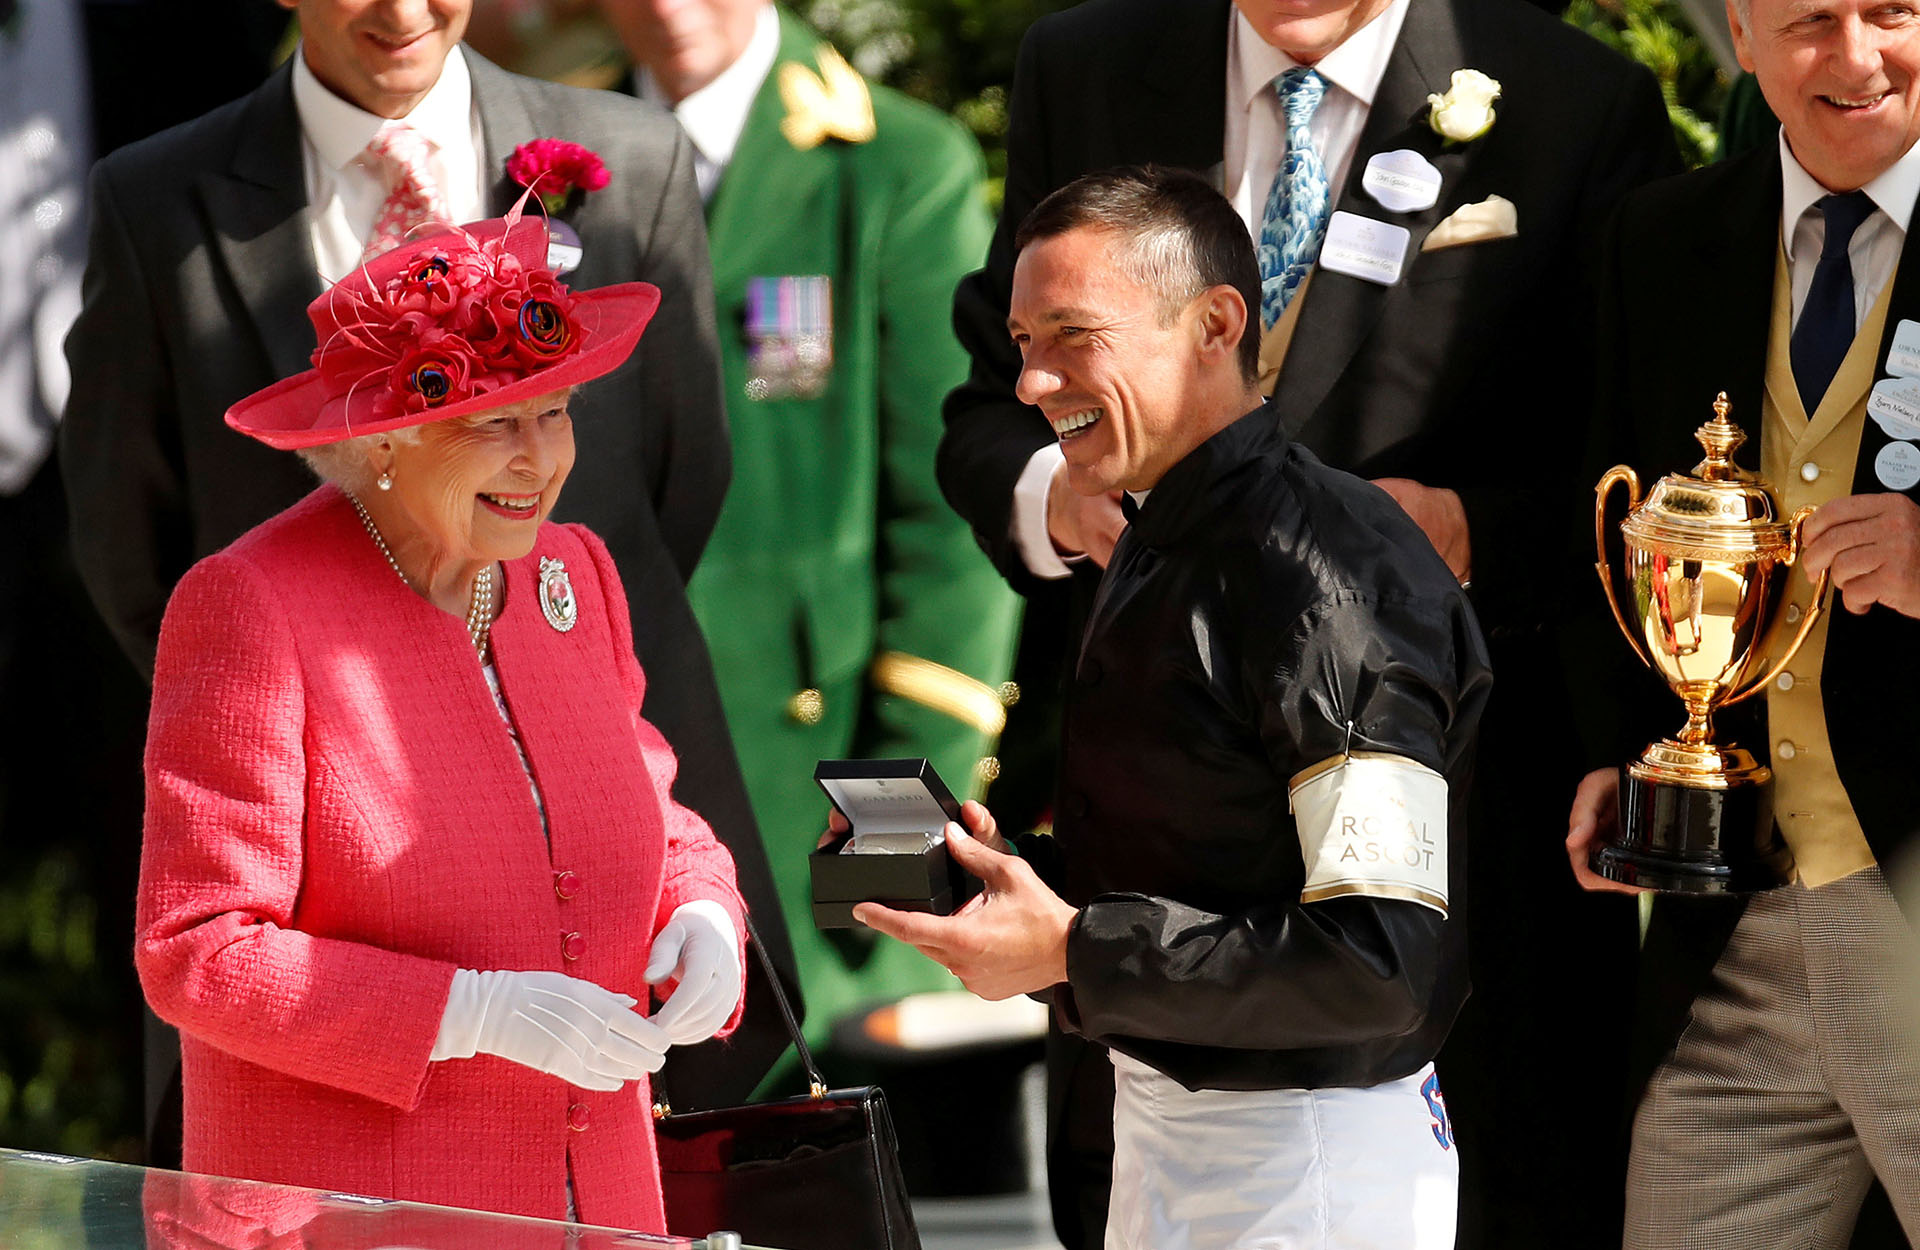 La monarca sonríe junto a uno de los ganadores, Frankie Dettori